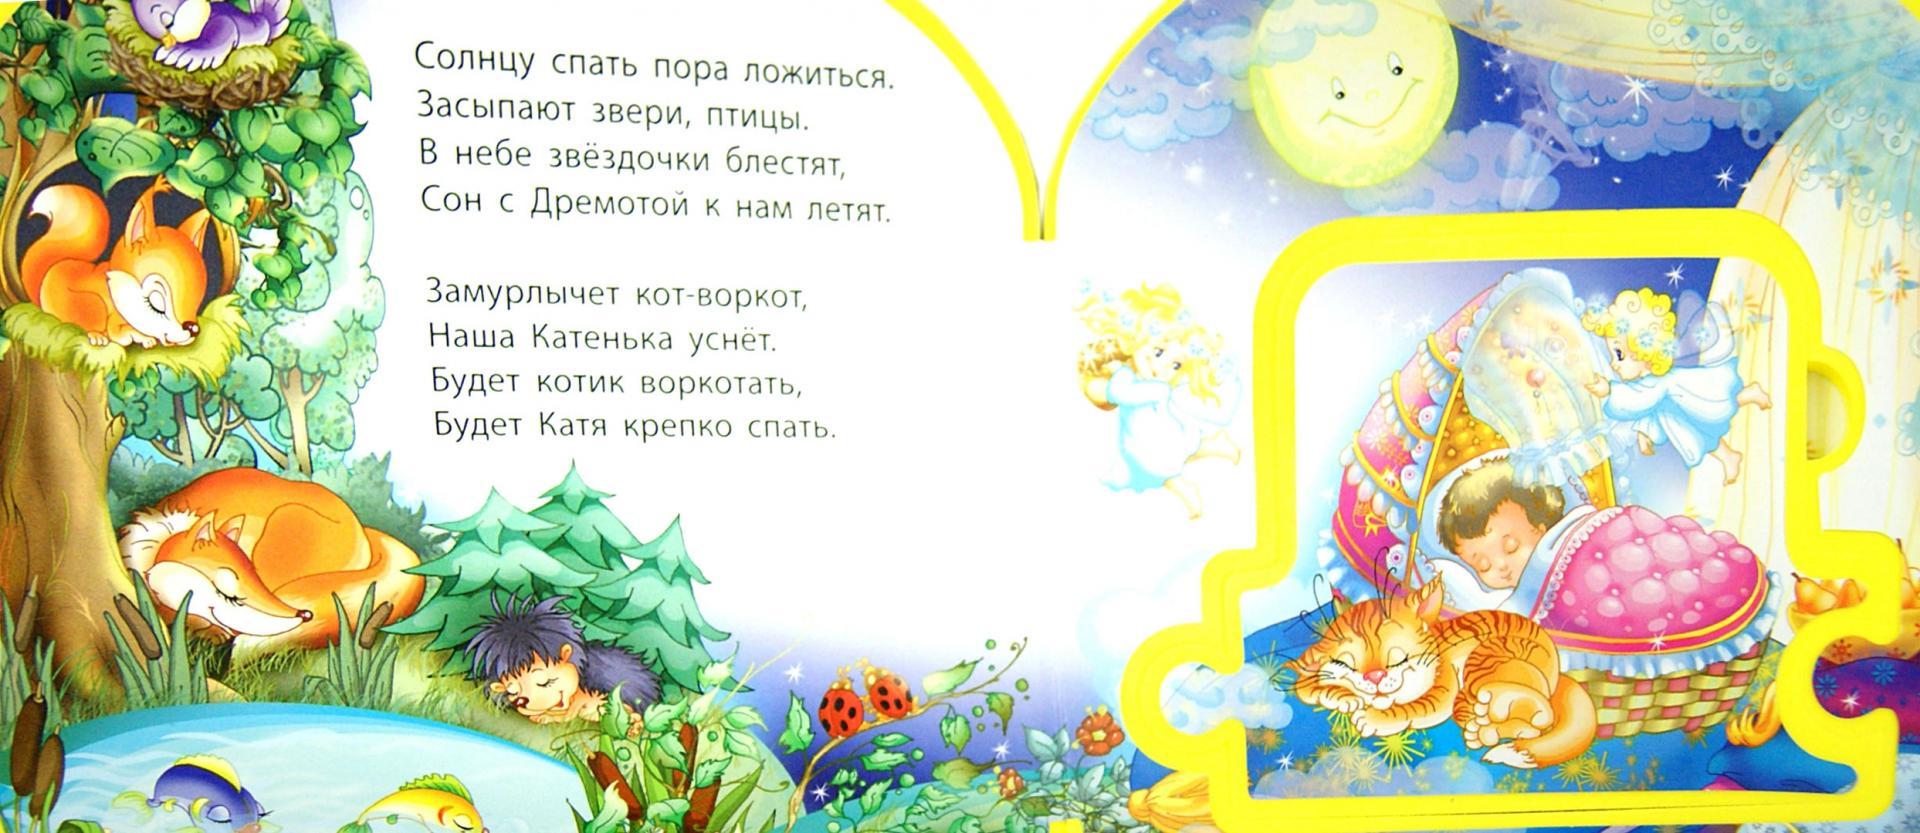 Иллюстрация 1 из 10 для Баю-баю-баюшки - Сергей Гордиенко | Лабиринт - книги. Источник: Лабиринт